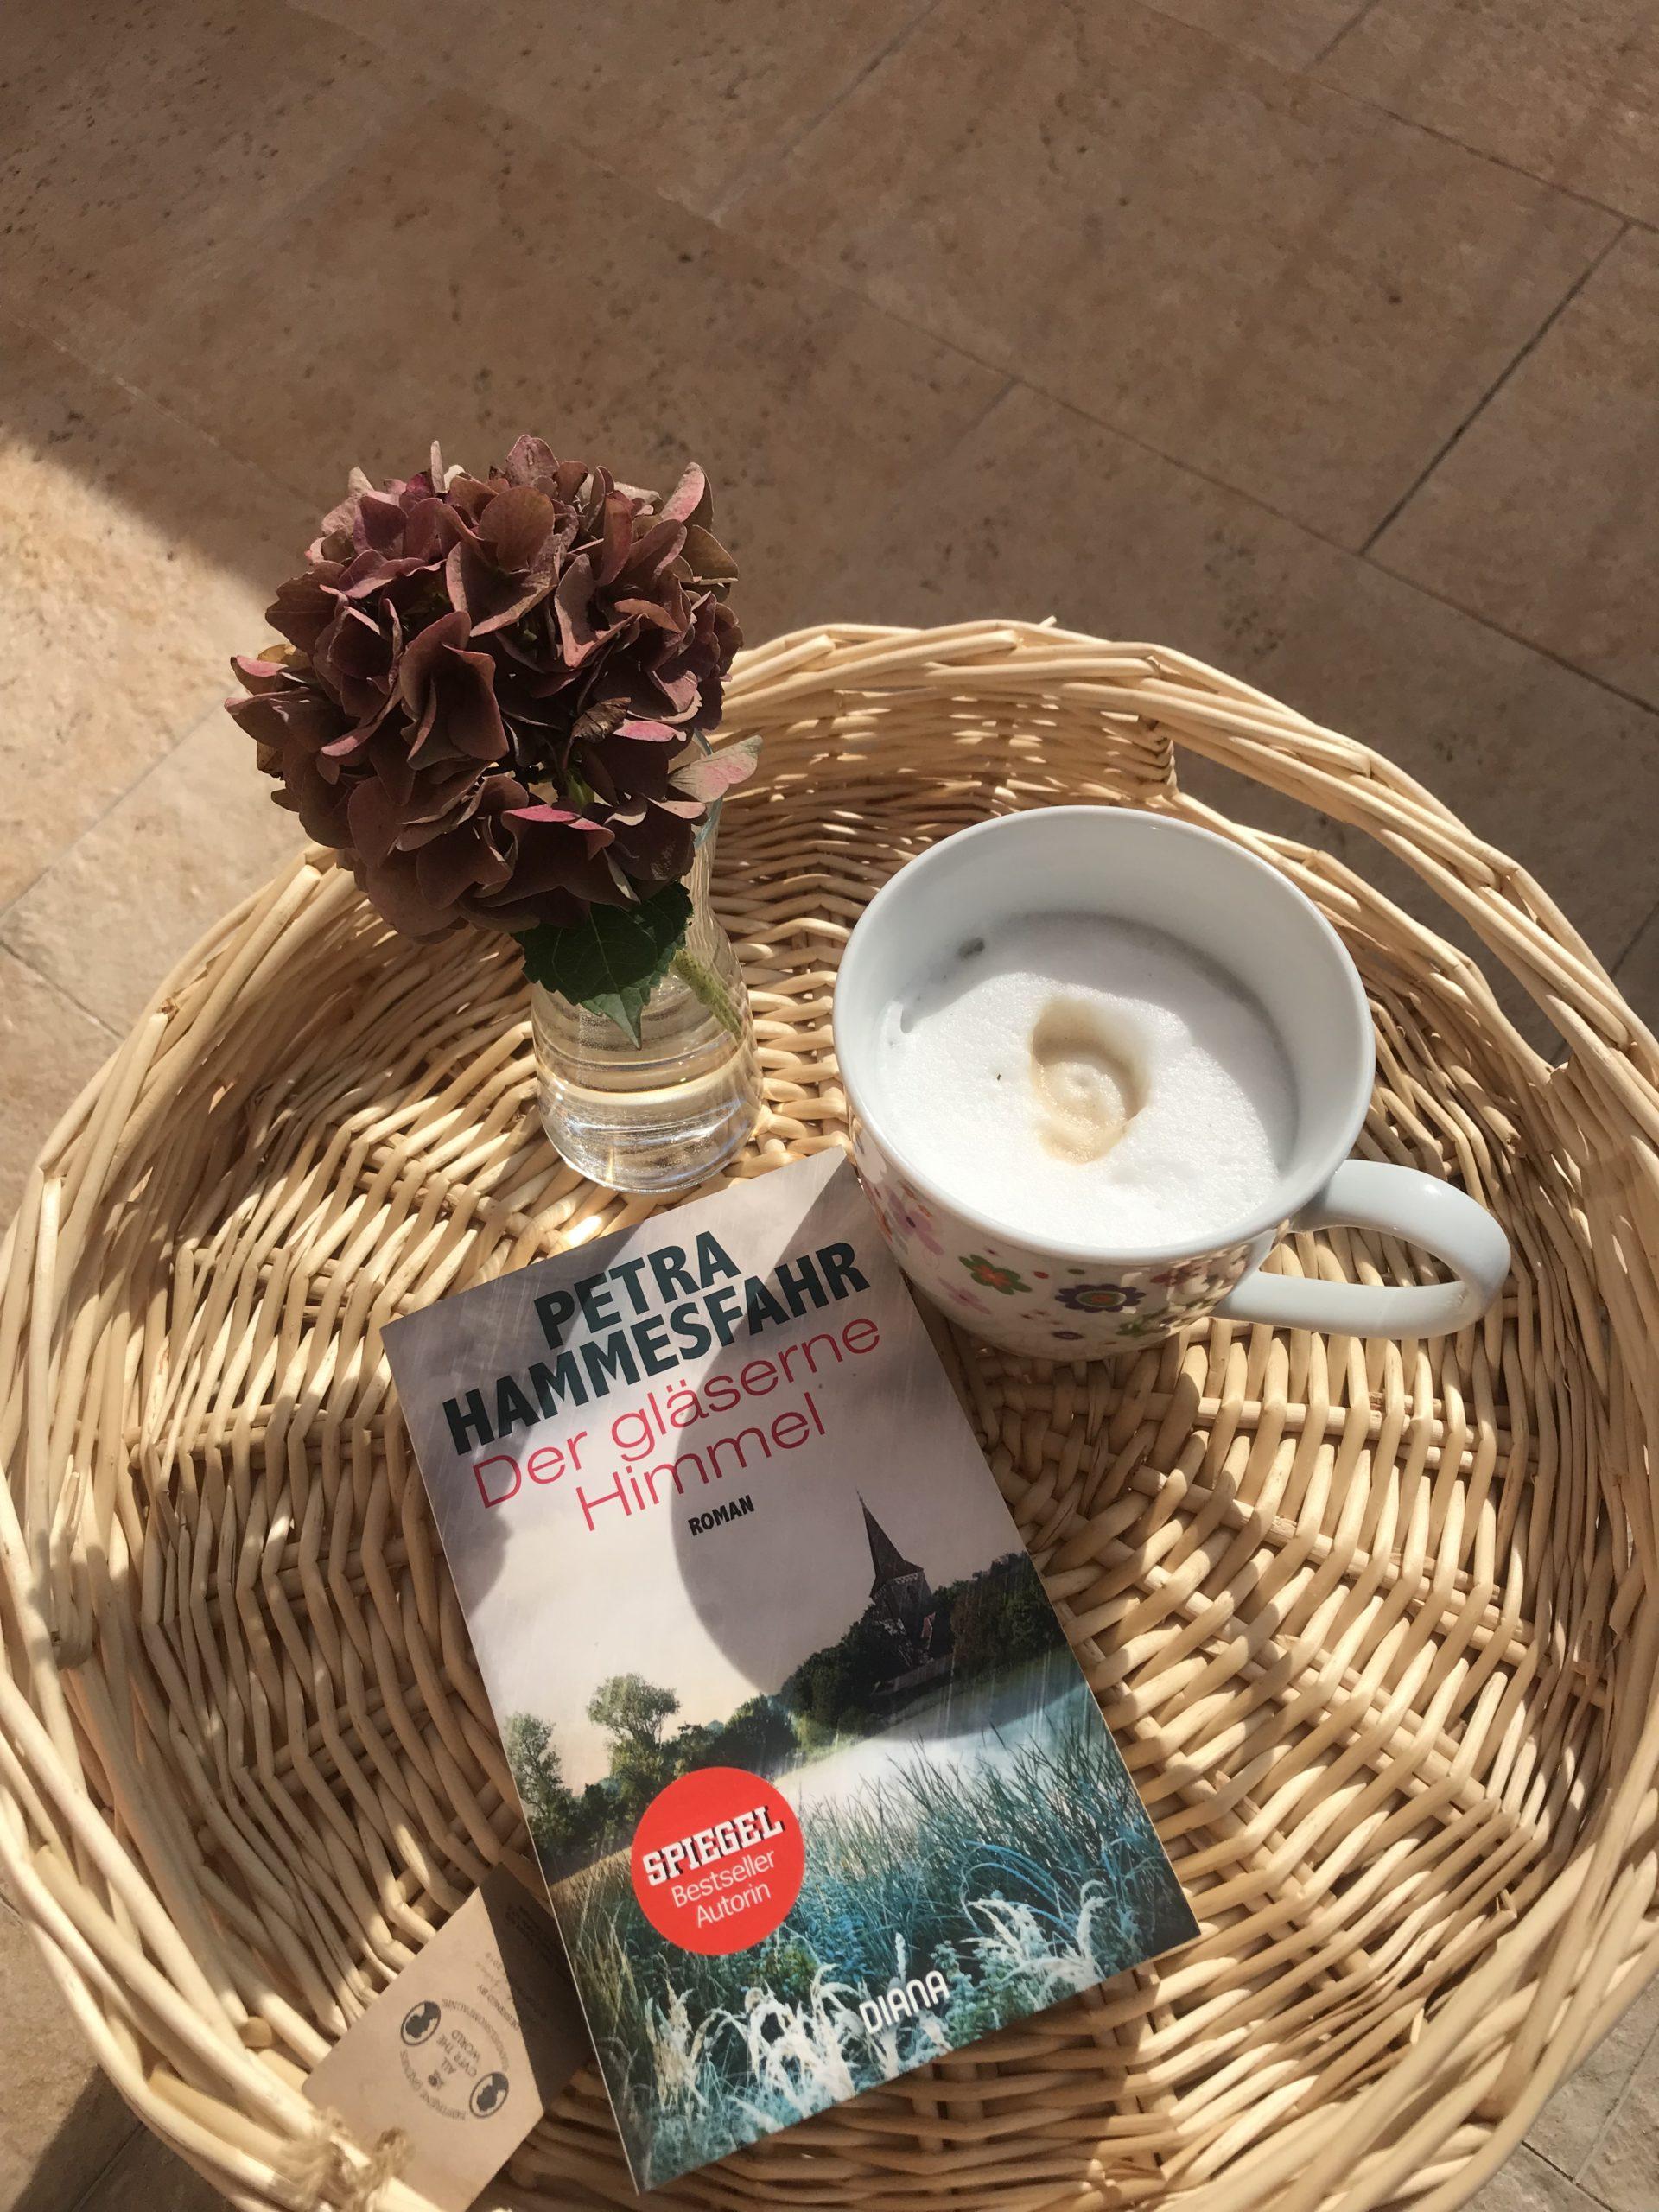 Kaffee, Buch, Hortensie und Sonnenschein